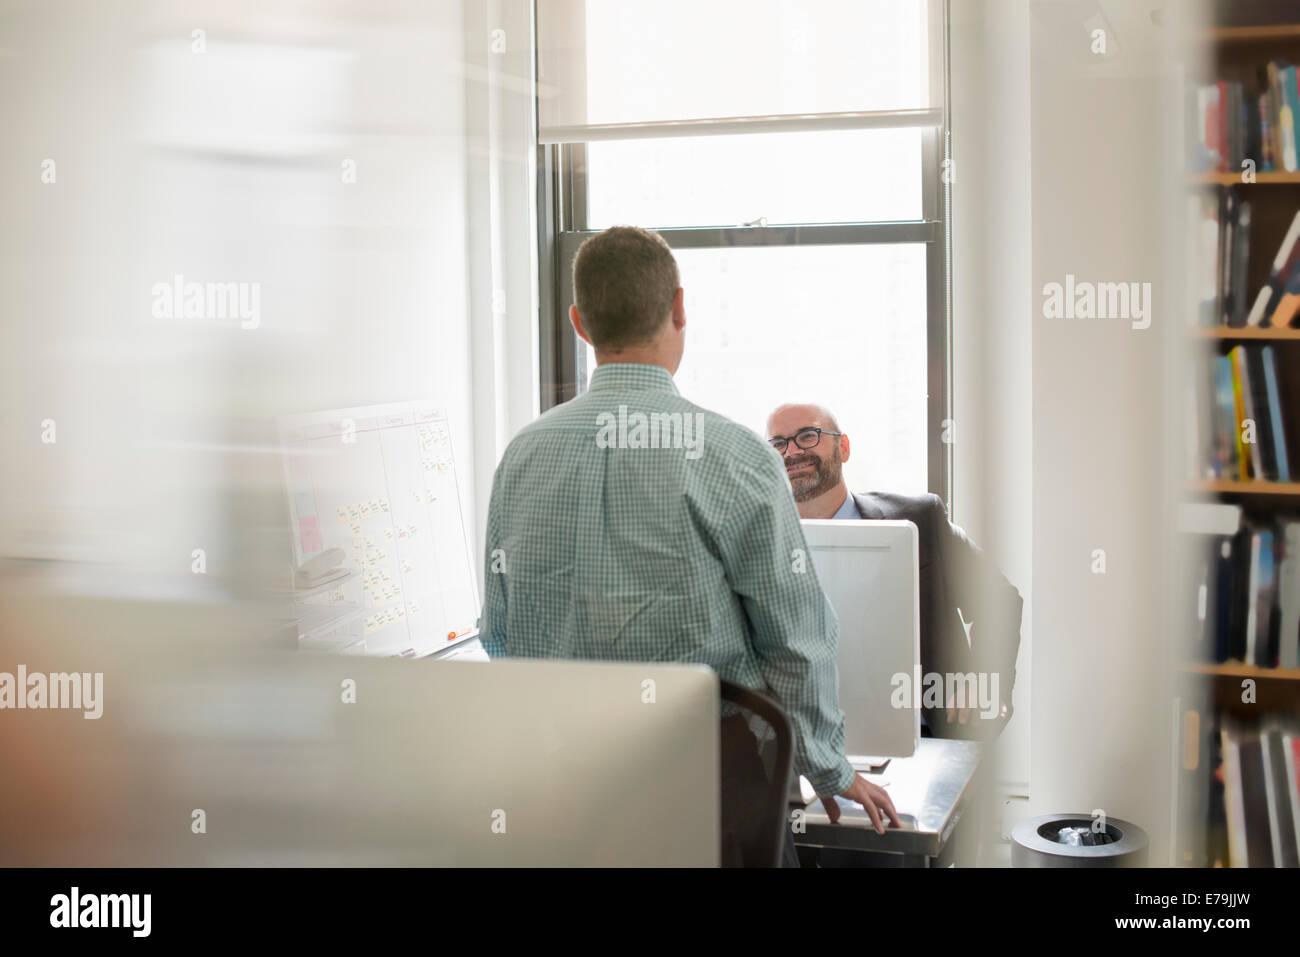 La vie de bureau. Deux personnes, hommes d'affaires de parler les uns aux autres sur leur bureau. Photo Stock